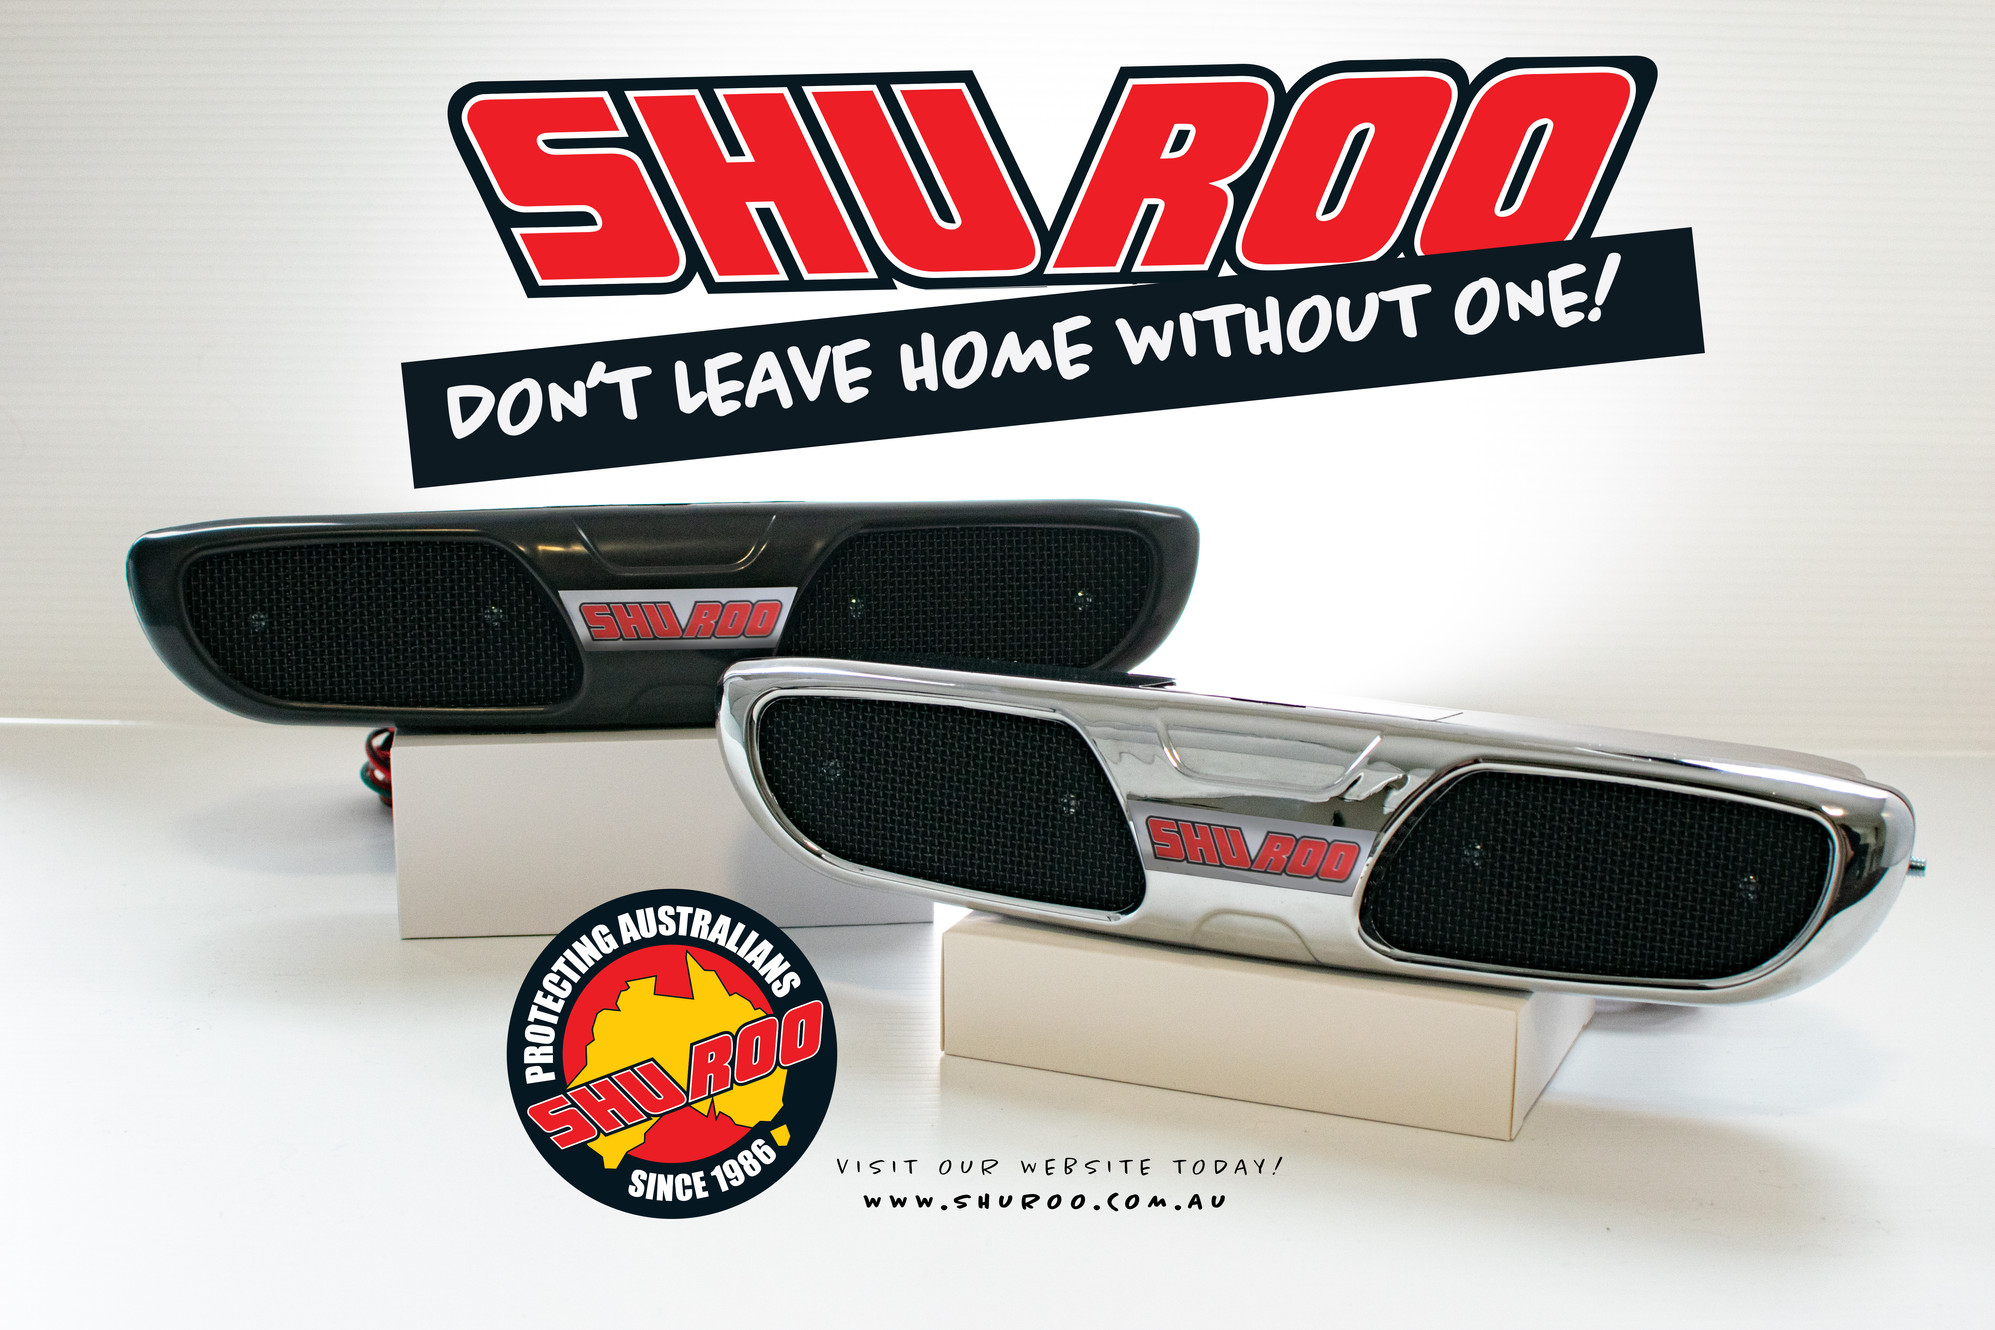 www.shuroo.com.au